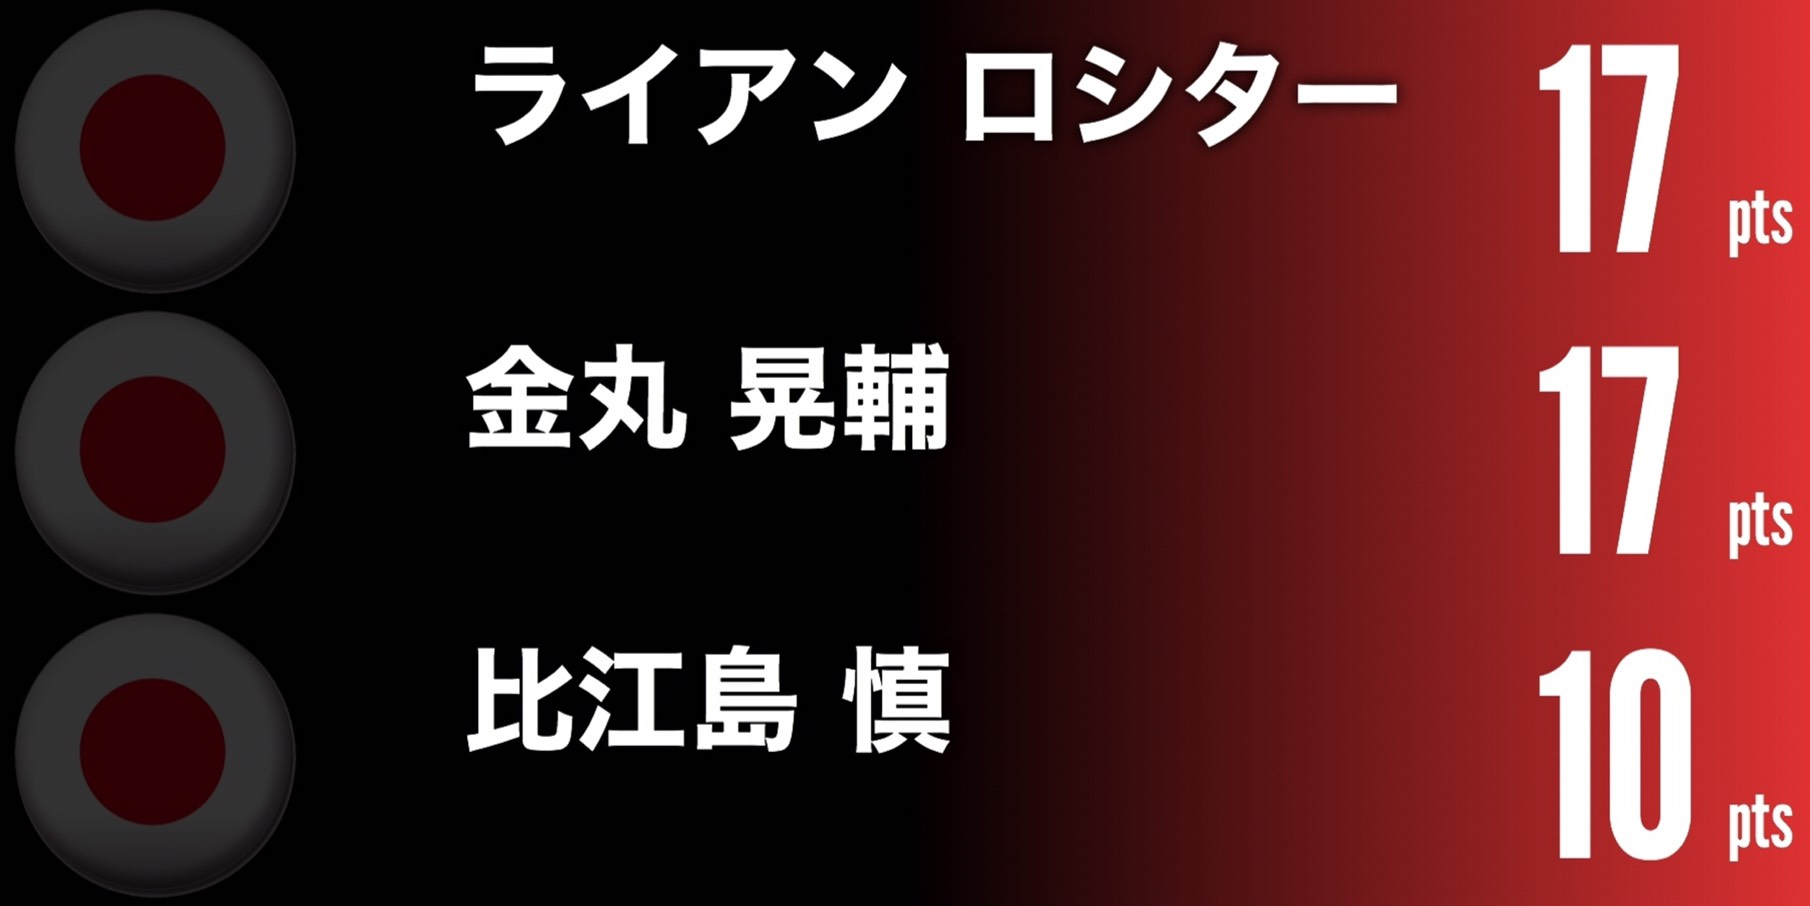 台湾戦の日本代表得点ランキング